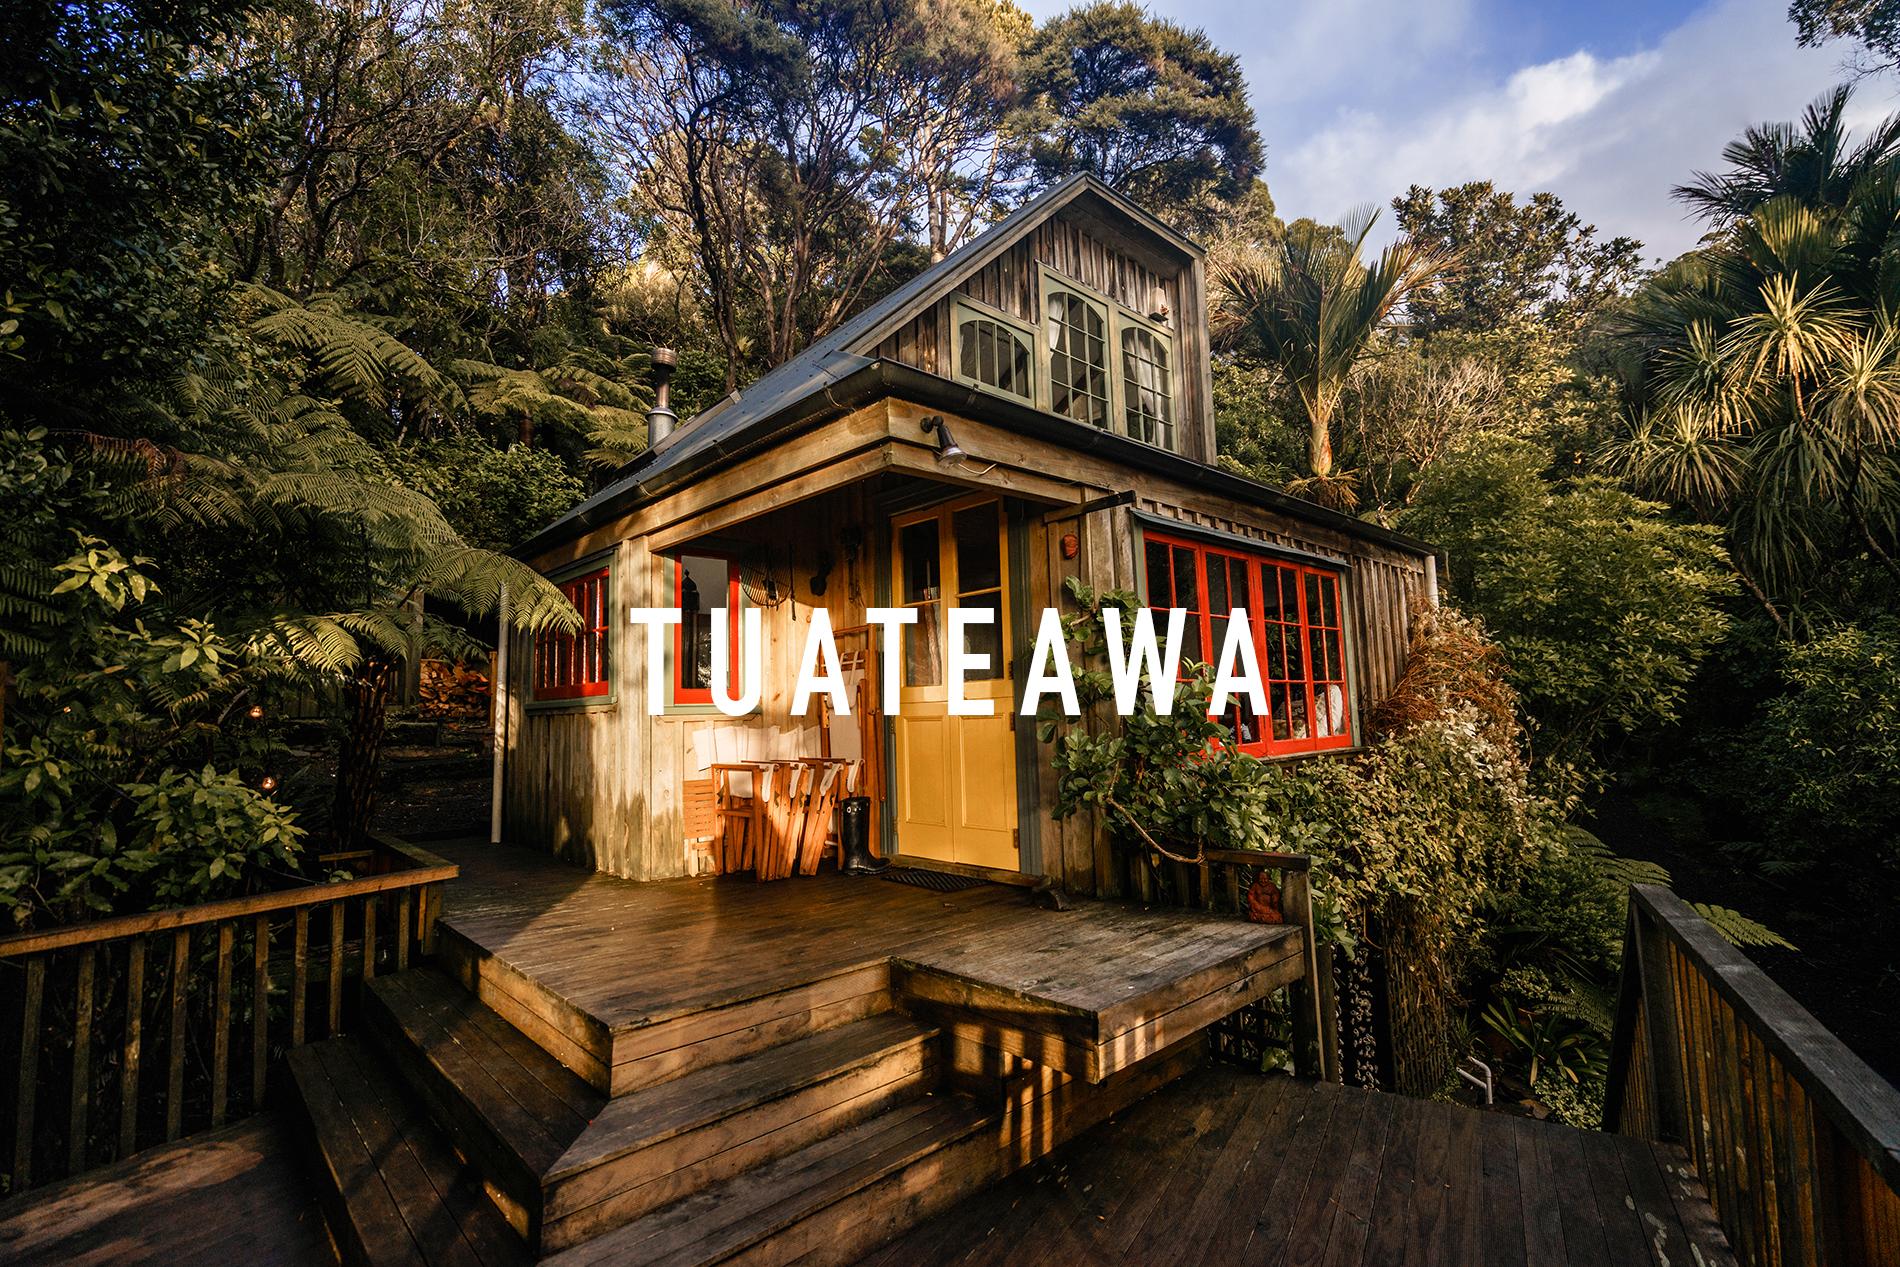 Tuateawa - Coromandel